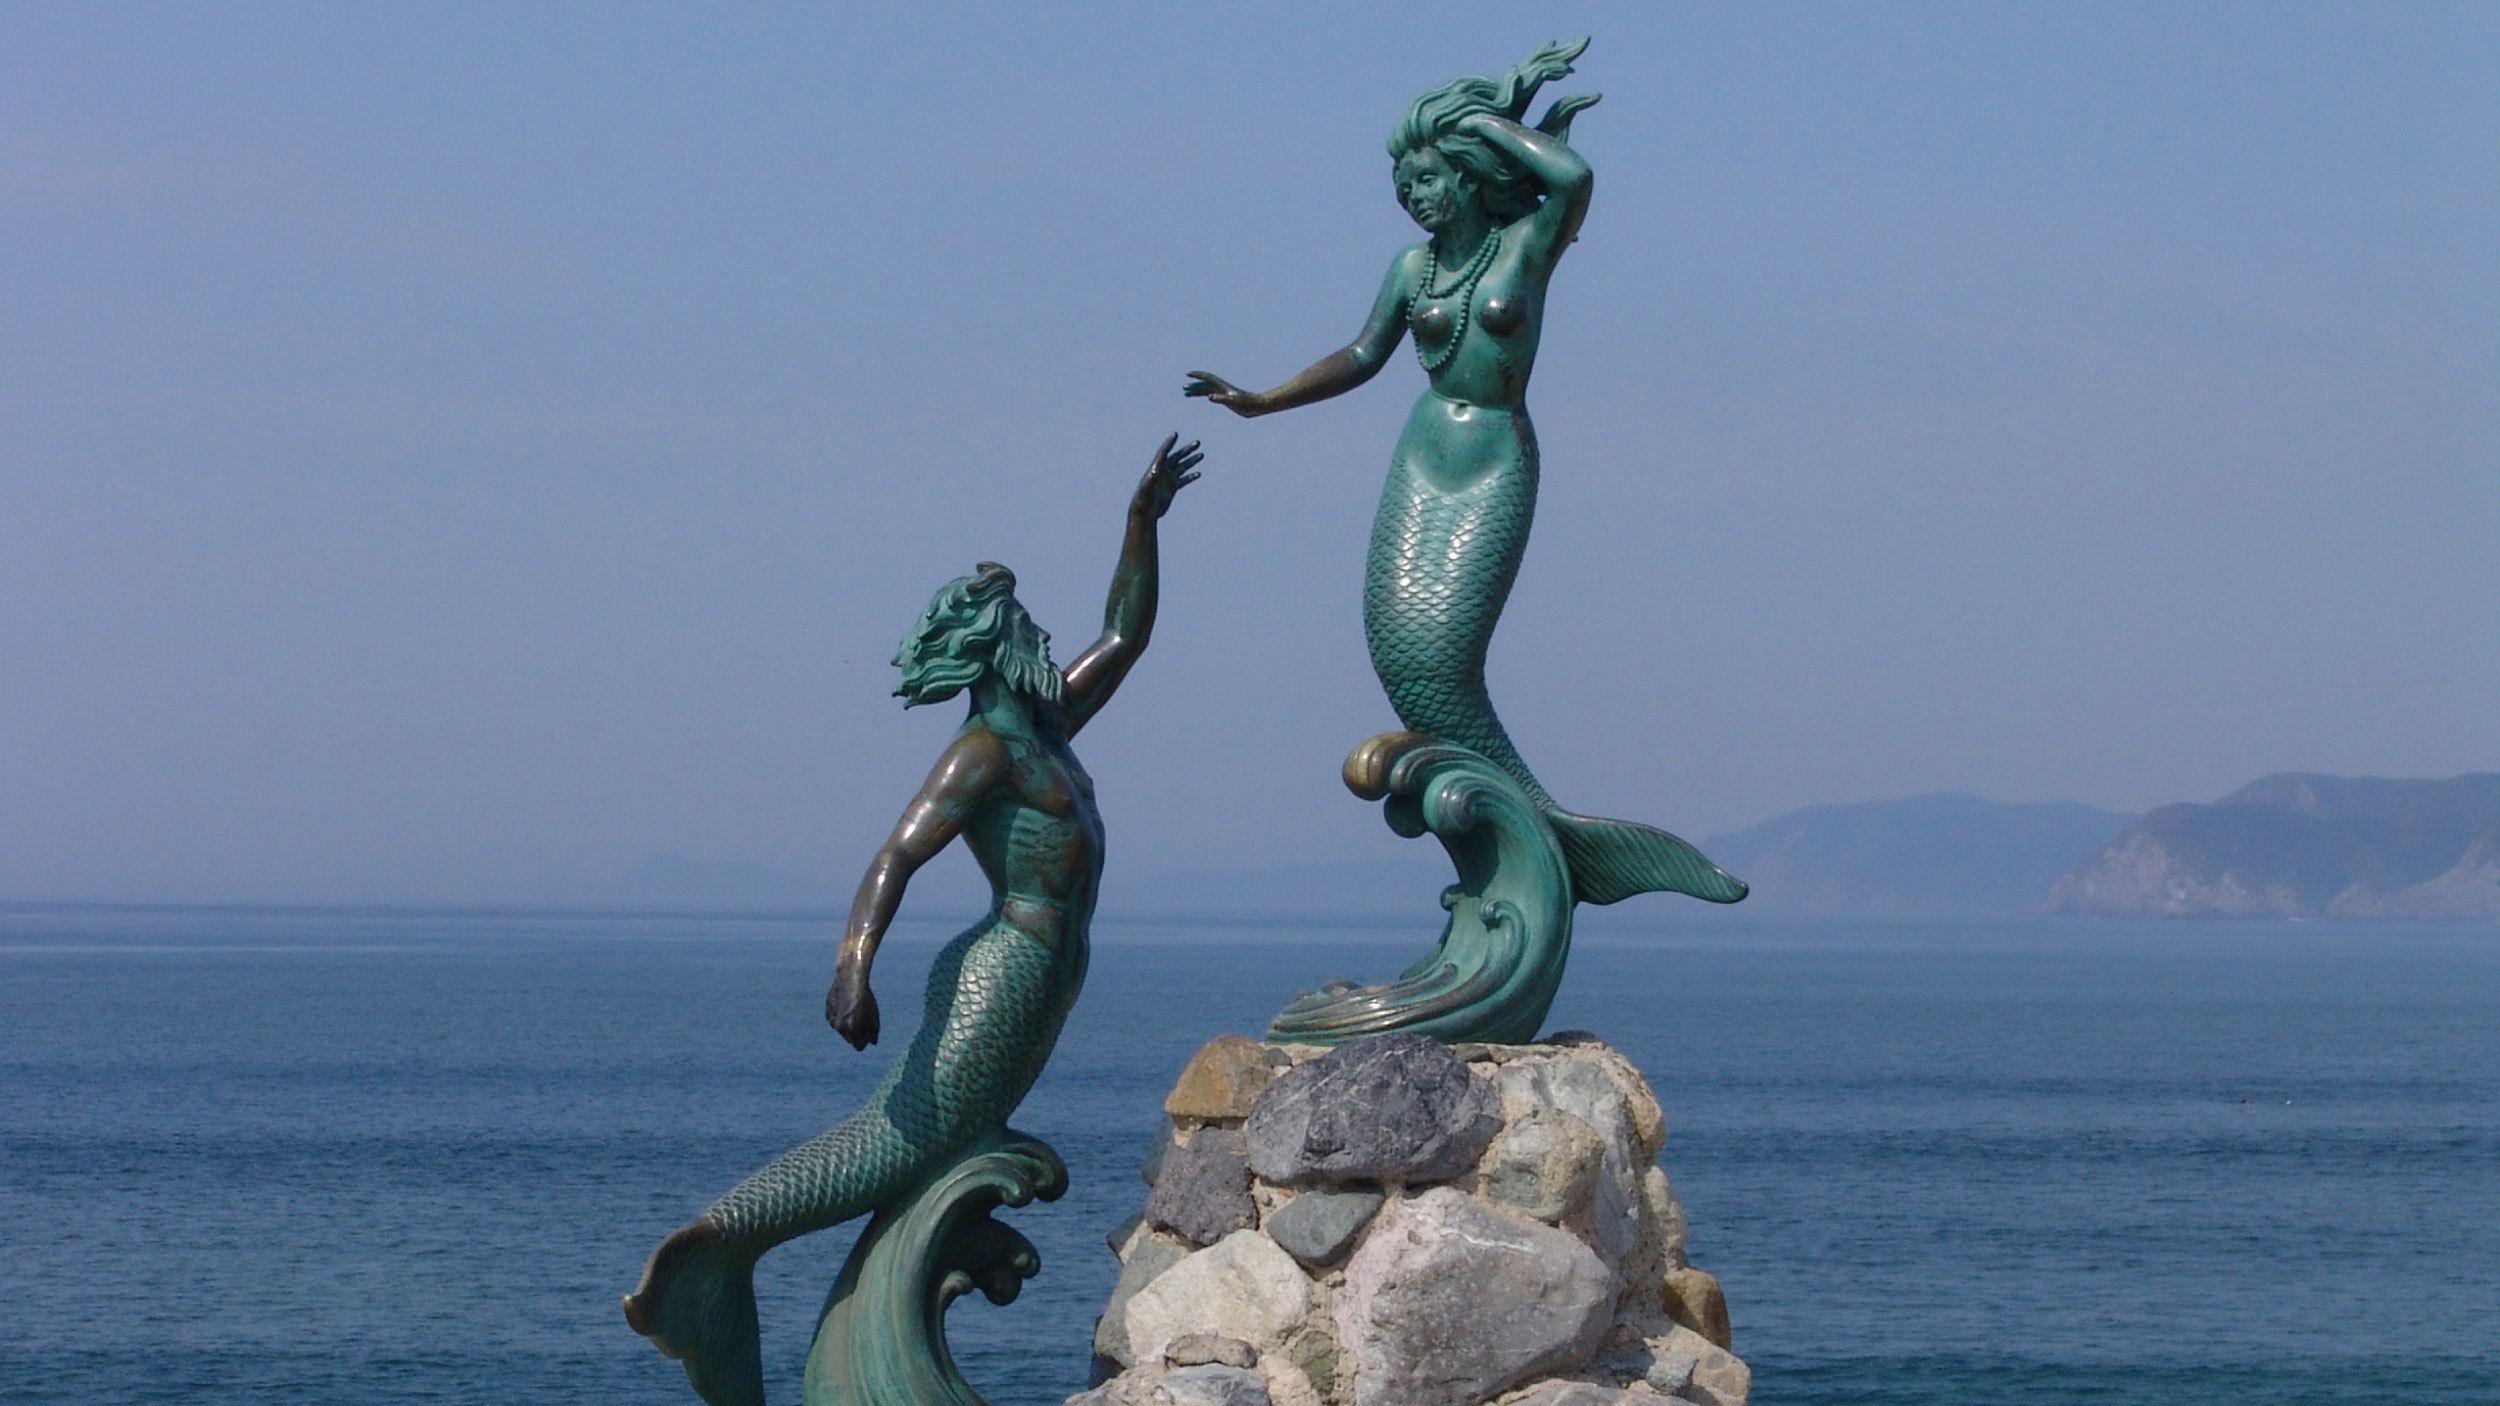 Mermaid statue in Barra de Navidad